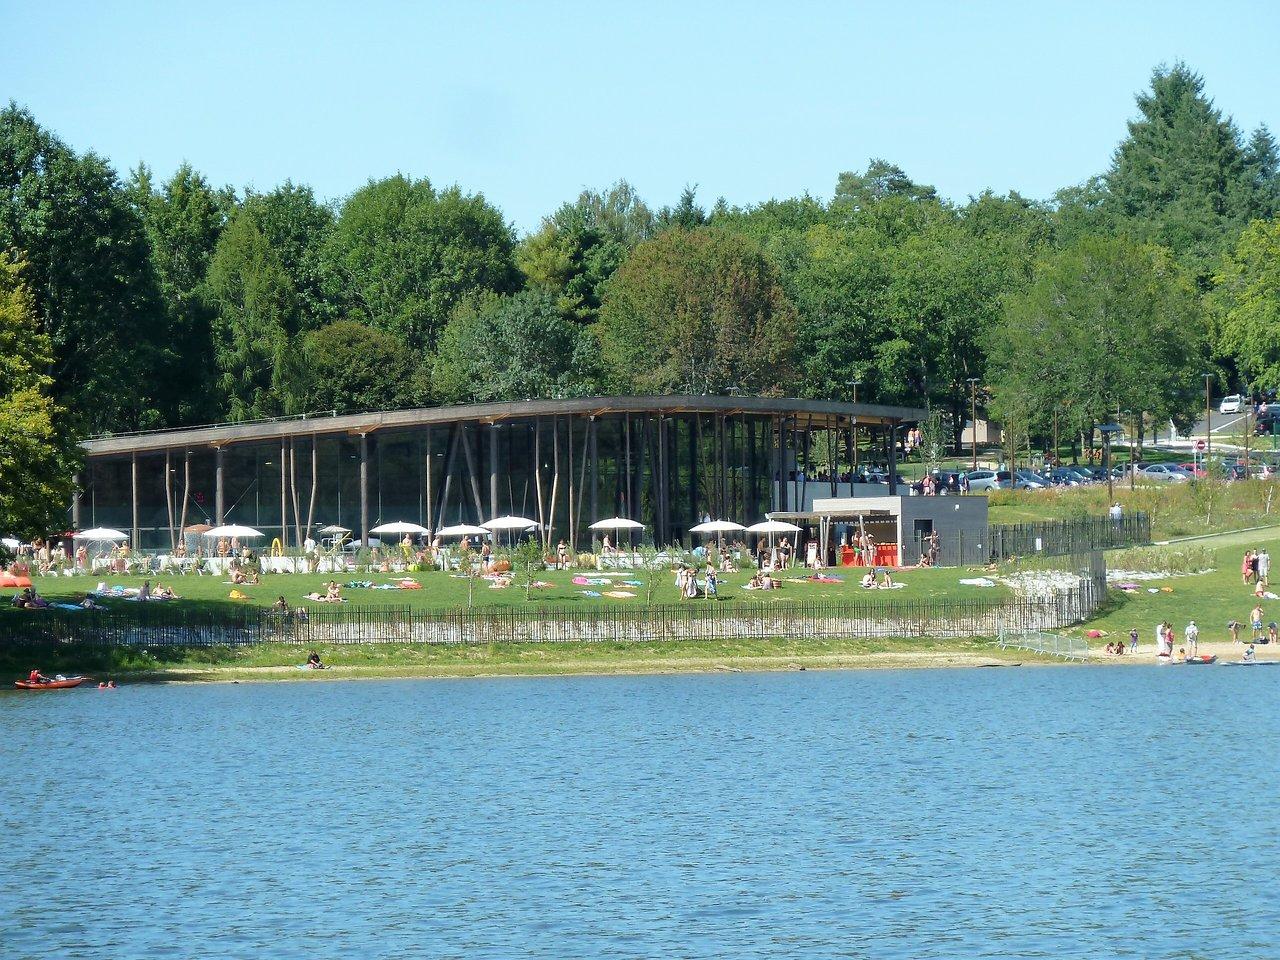 Piscine Du Lac De Saint-Pardoux (Razes) - 2020 All You Need ... tout Piscine Du Lac Tours